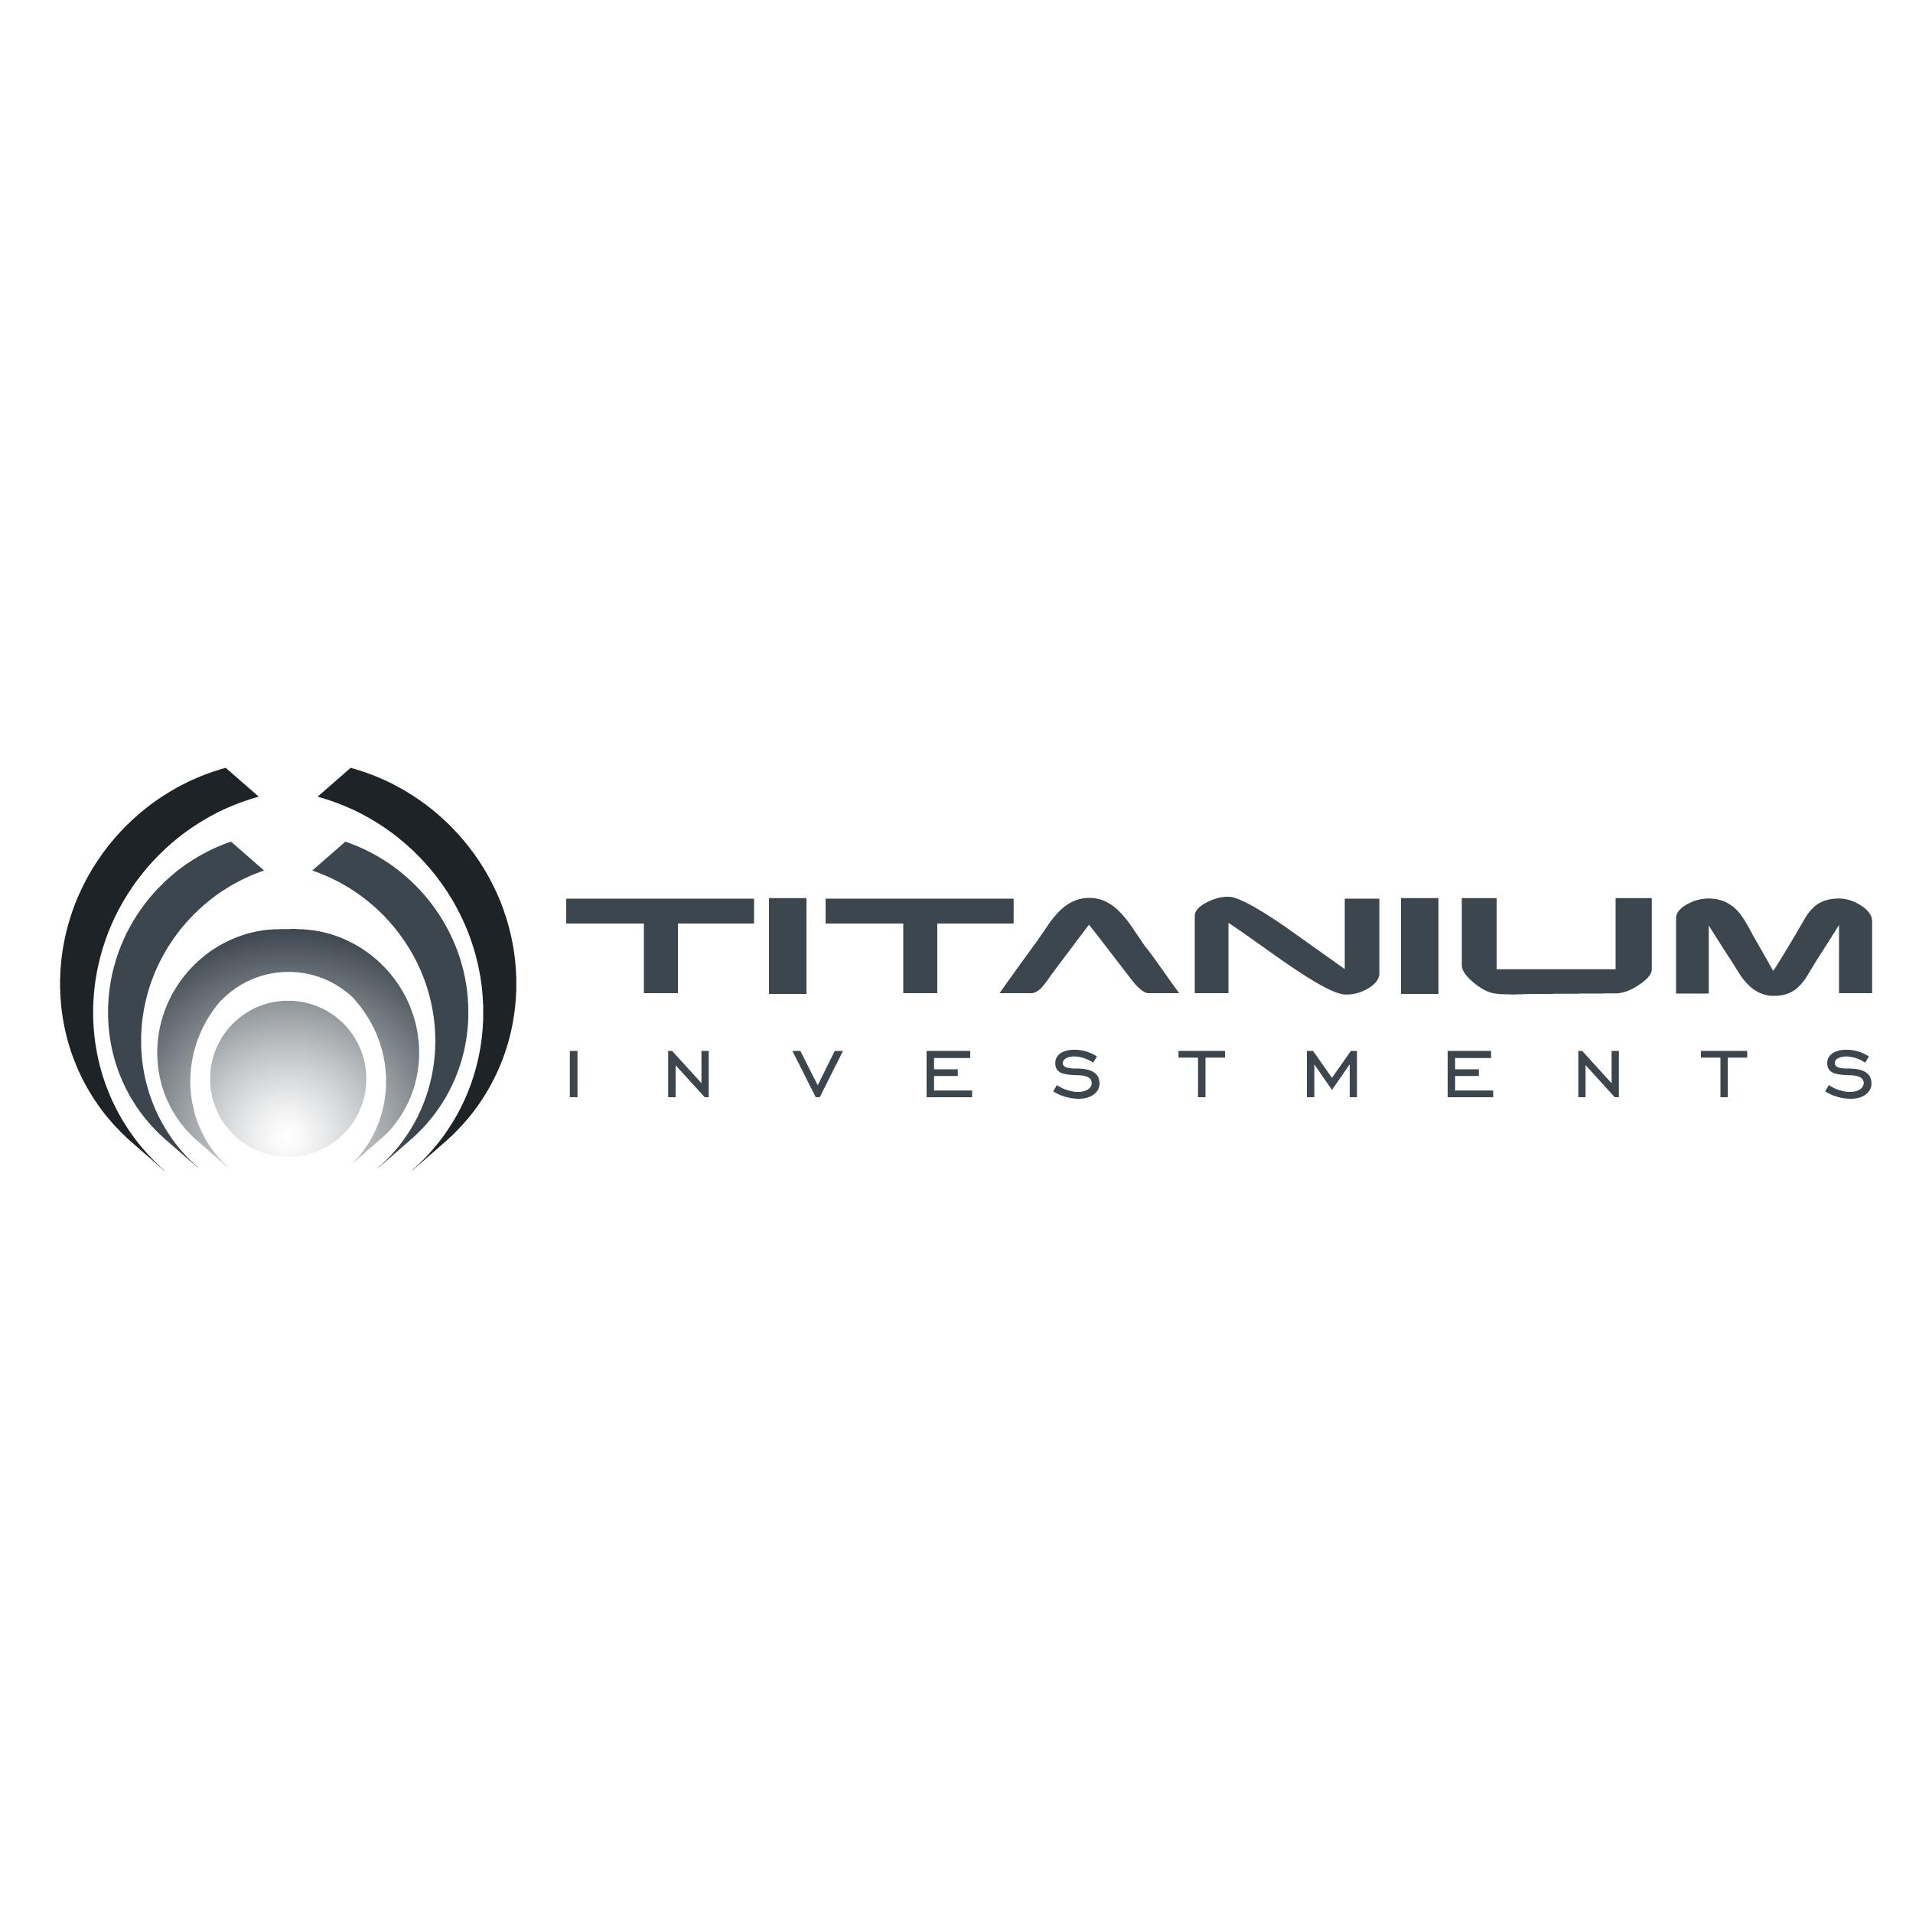 Titanium Investments, LLC